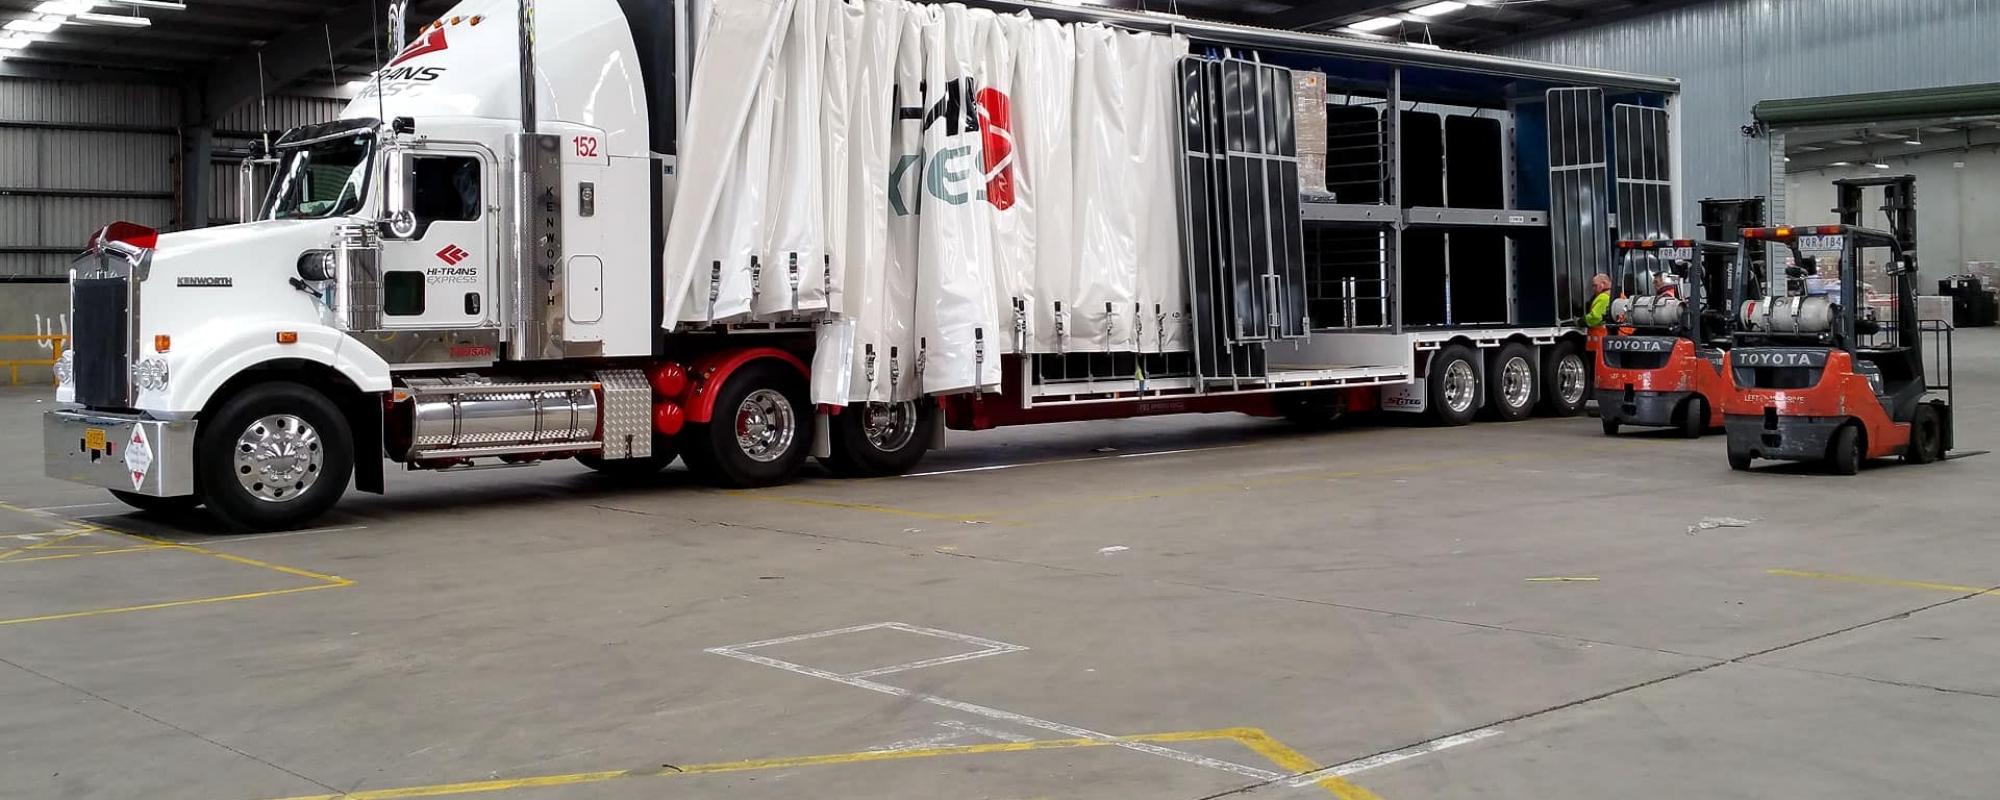 truck-loaded